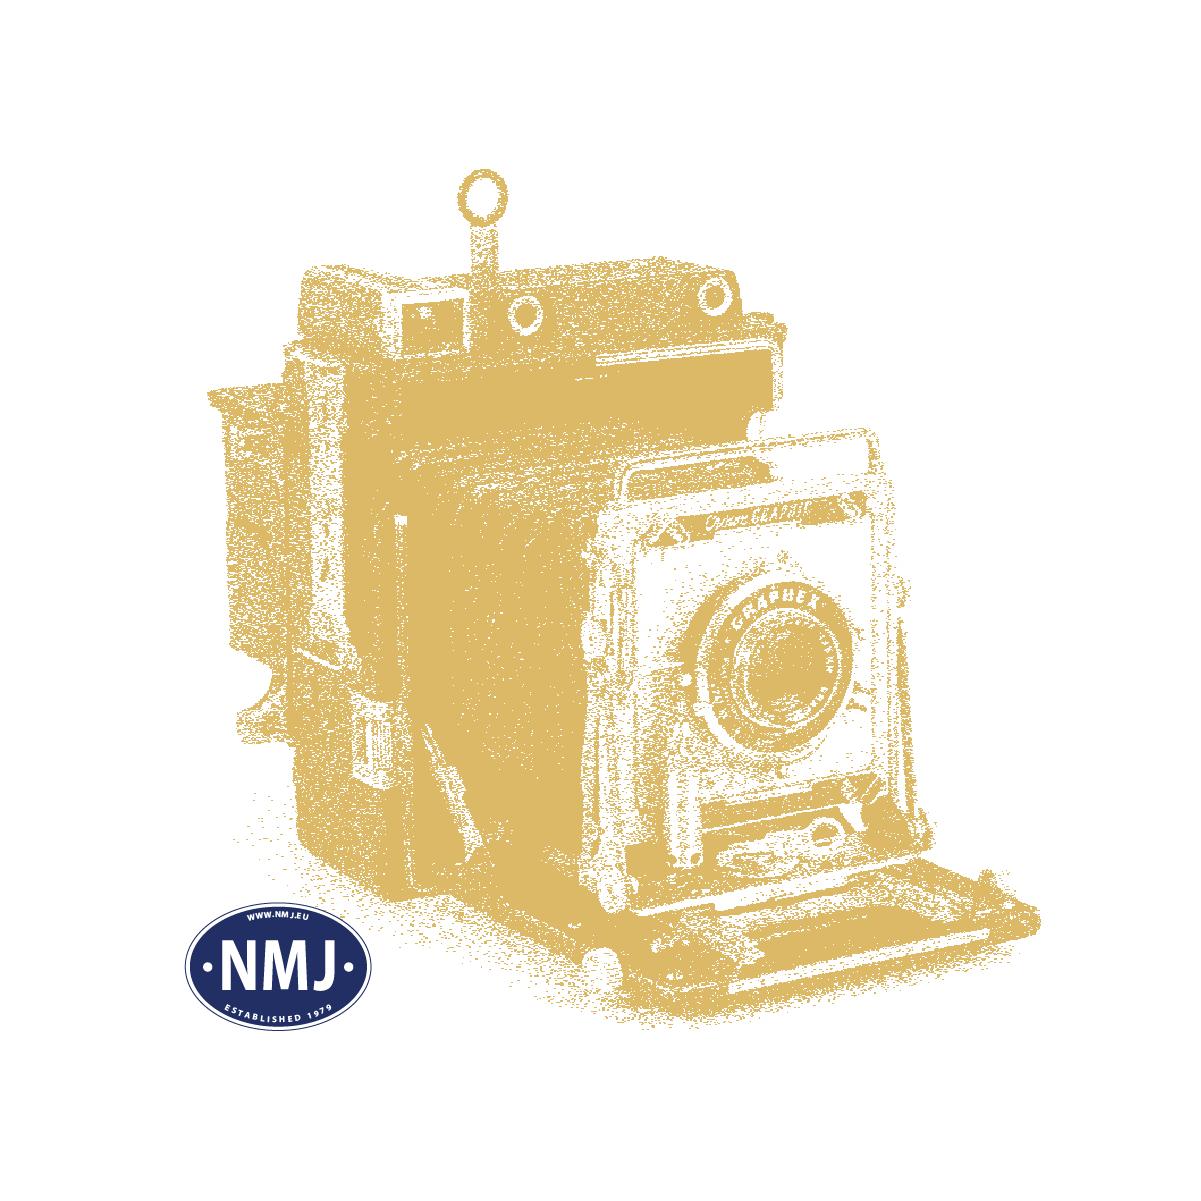 NMJT9917 - Isolatorer for El13